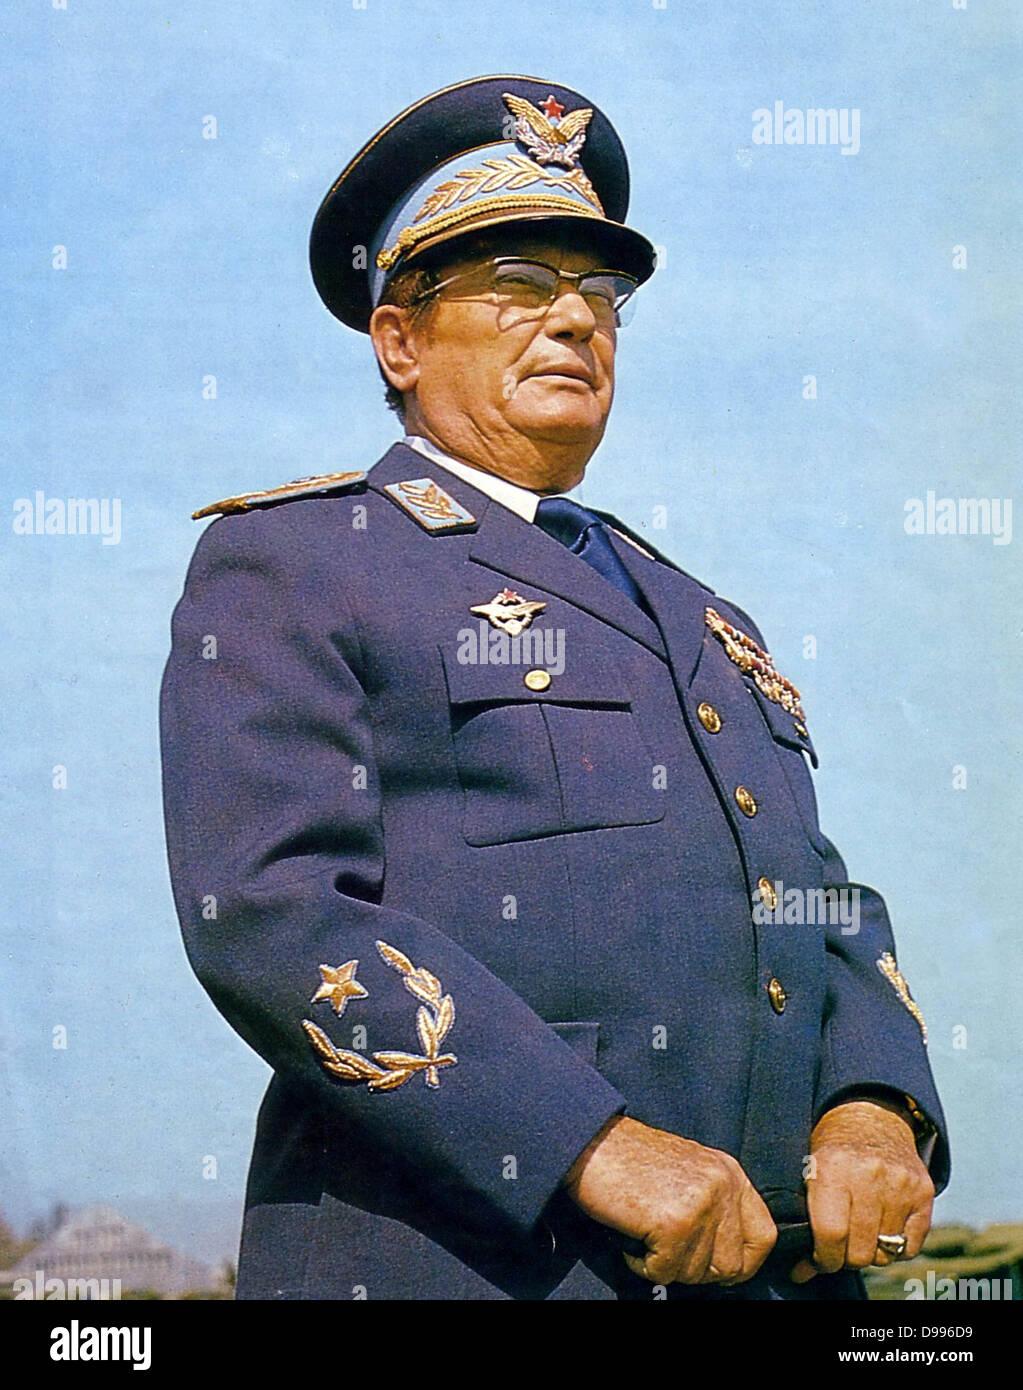 Josip Broz Tito (1892 - 1980) revolucionario yugoslava y estadista. Secretario General (más tarde presidente) Imagen De Stock